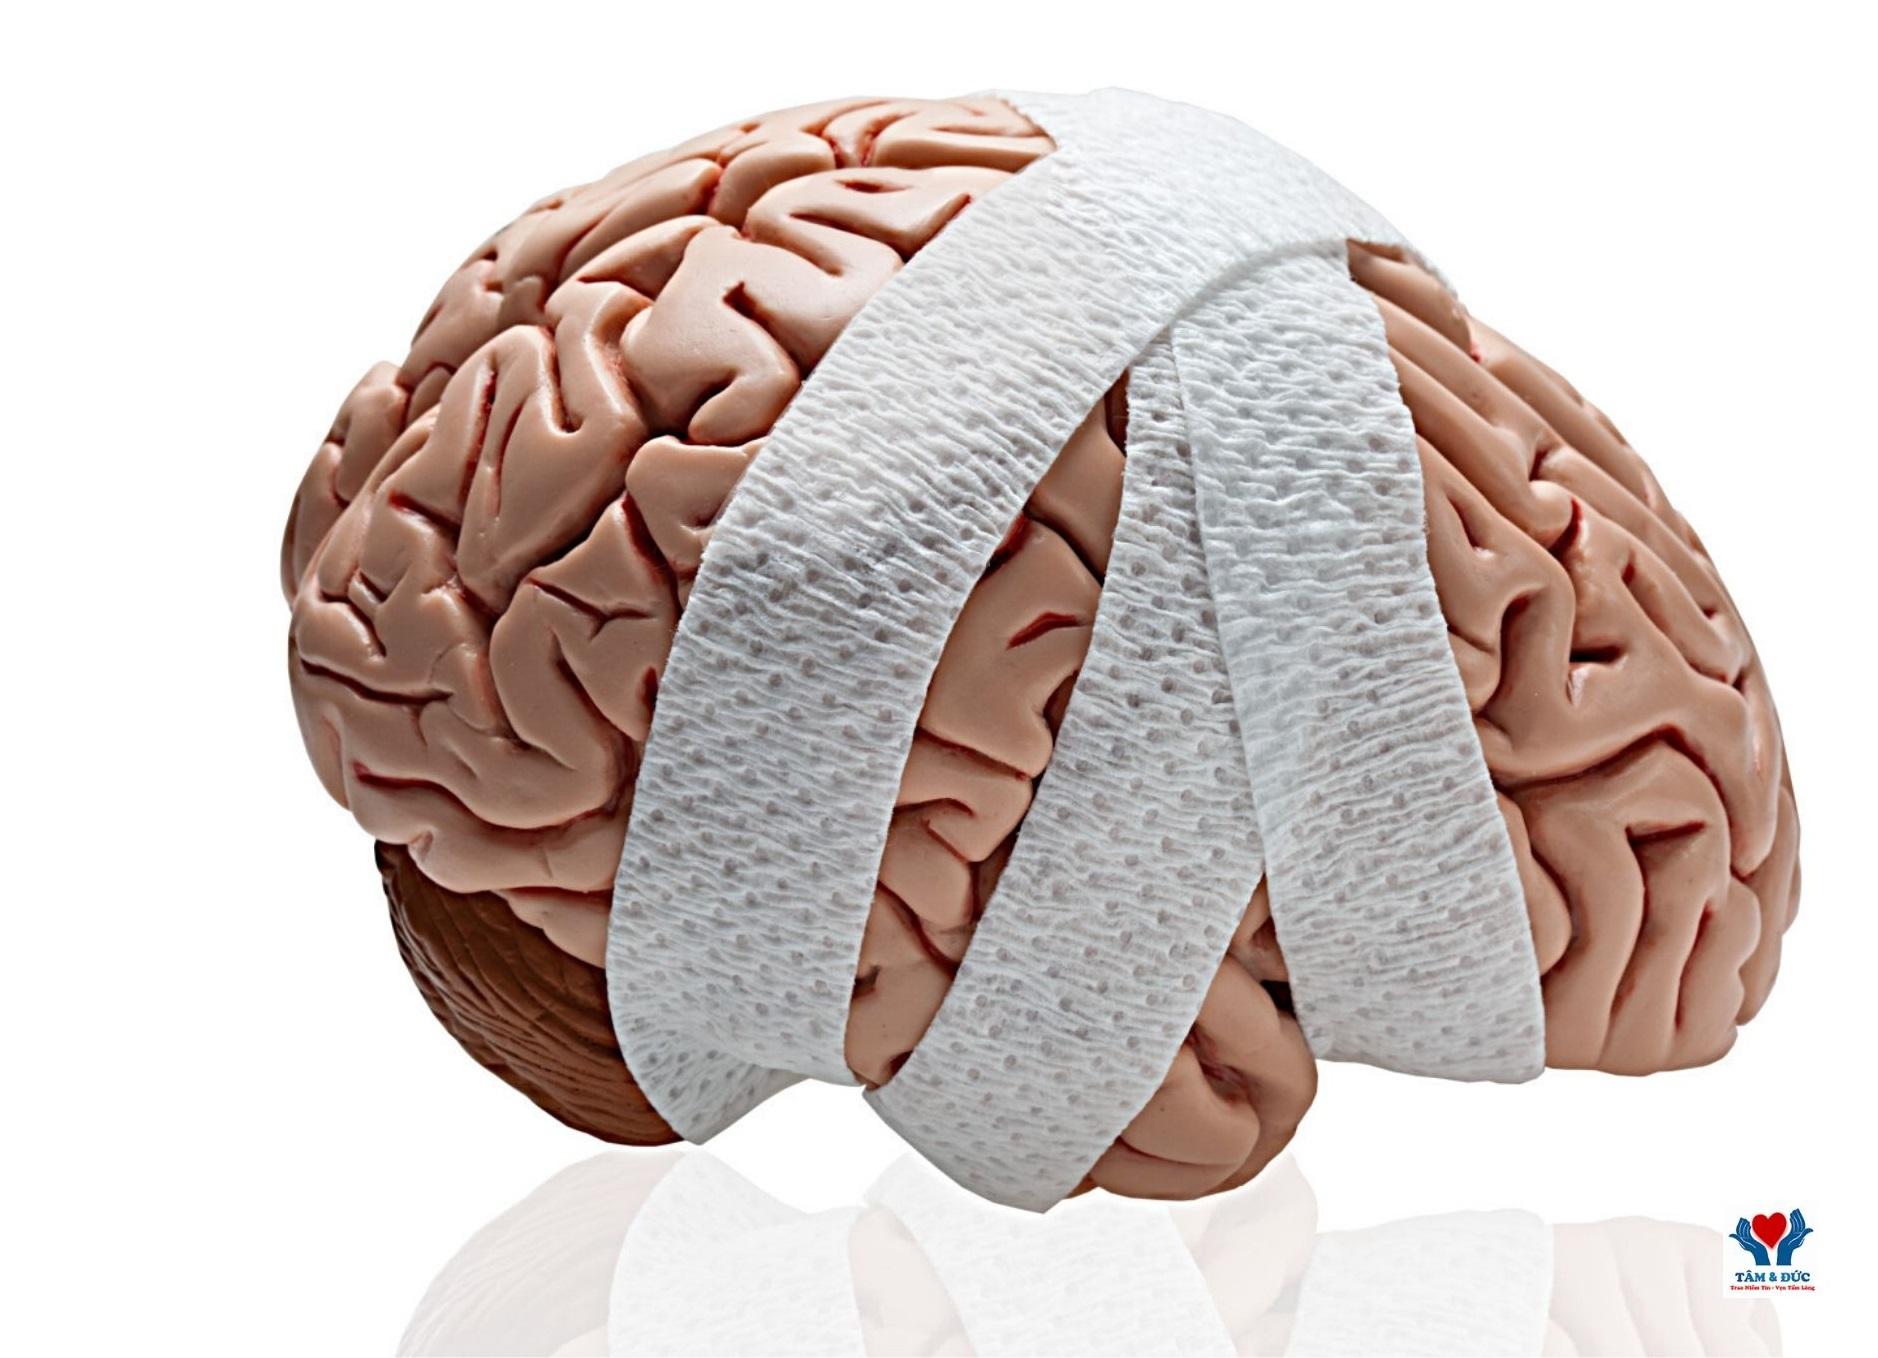 Cách Chăm Sóc Bệnh Nhân Chấn Thương Sọ Não Sau Mổ Đúng Cách